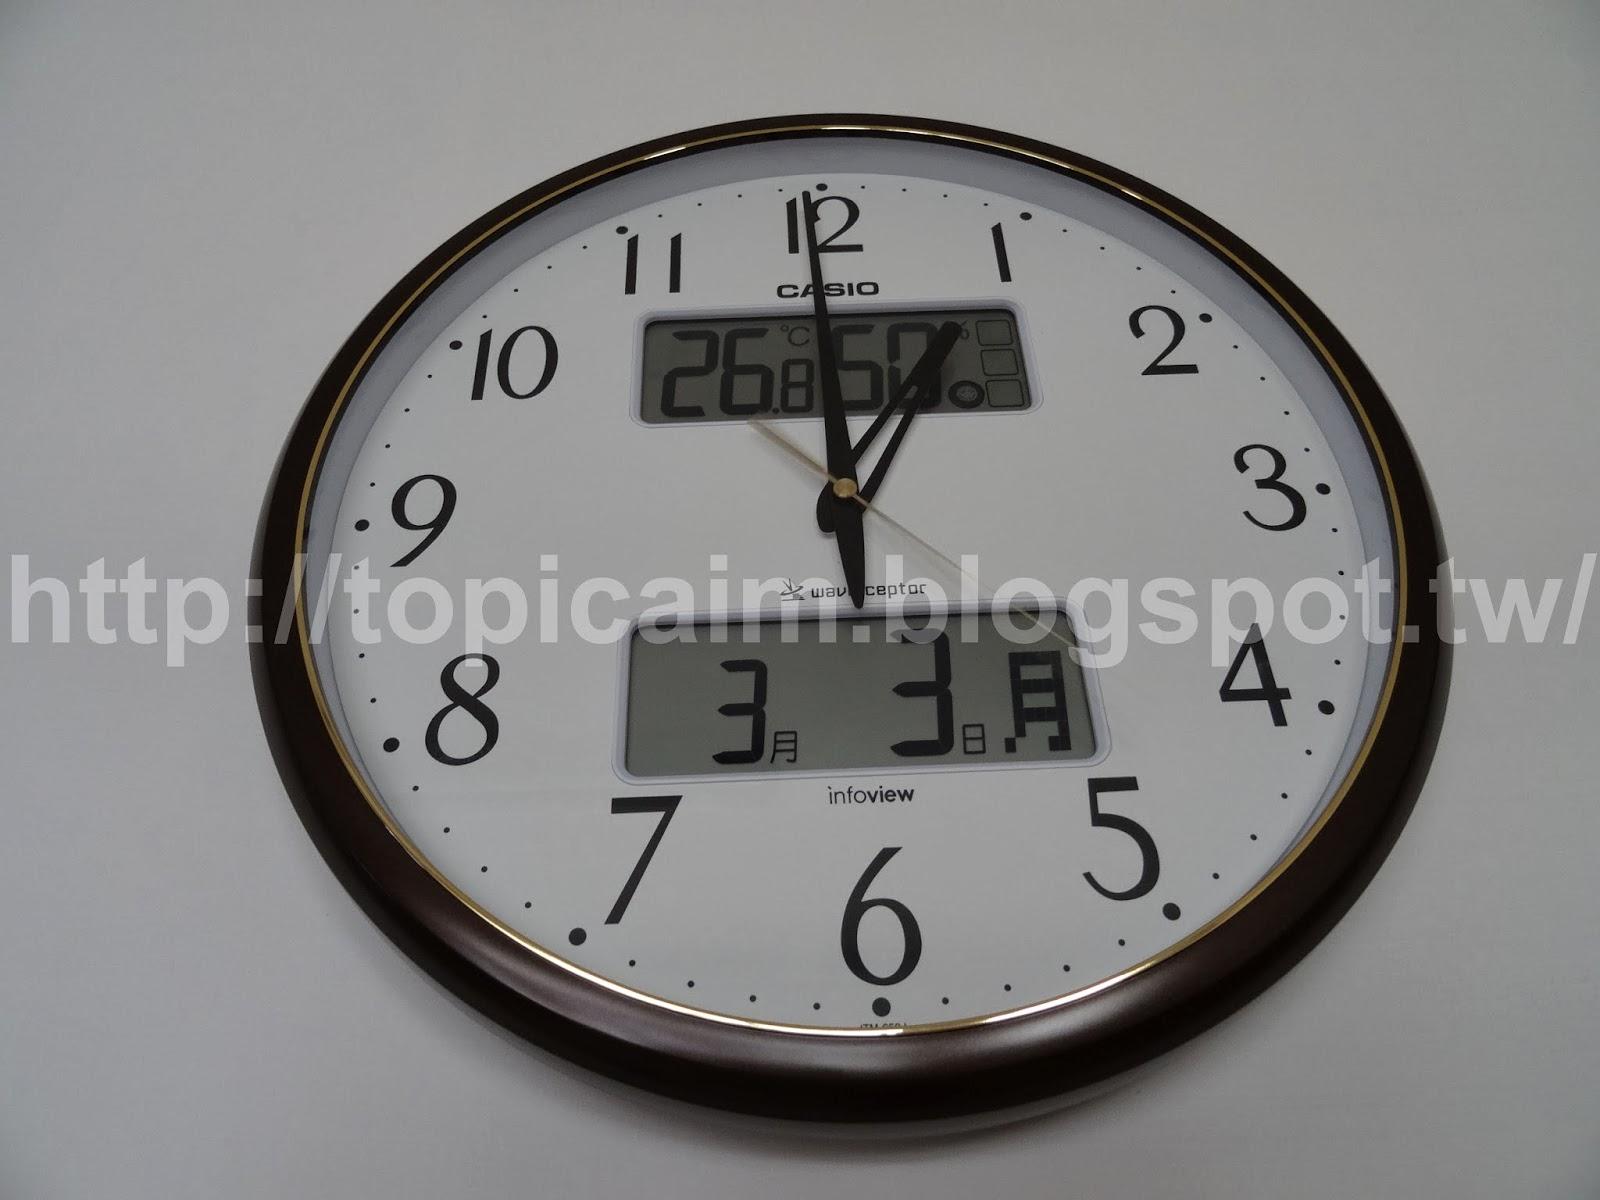 CASIO電波計時壁掛鐘(壁掛け電波時計)